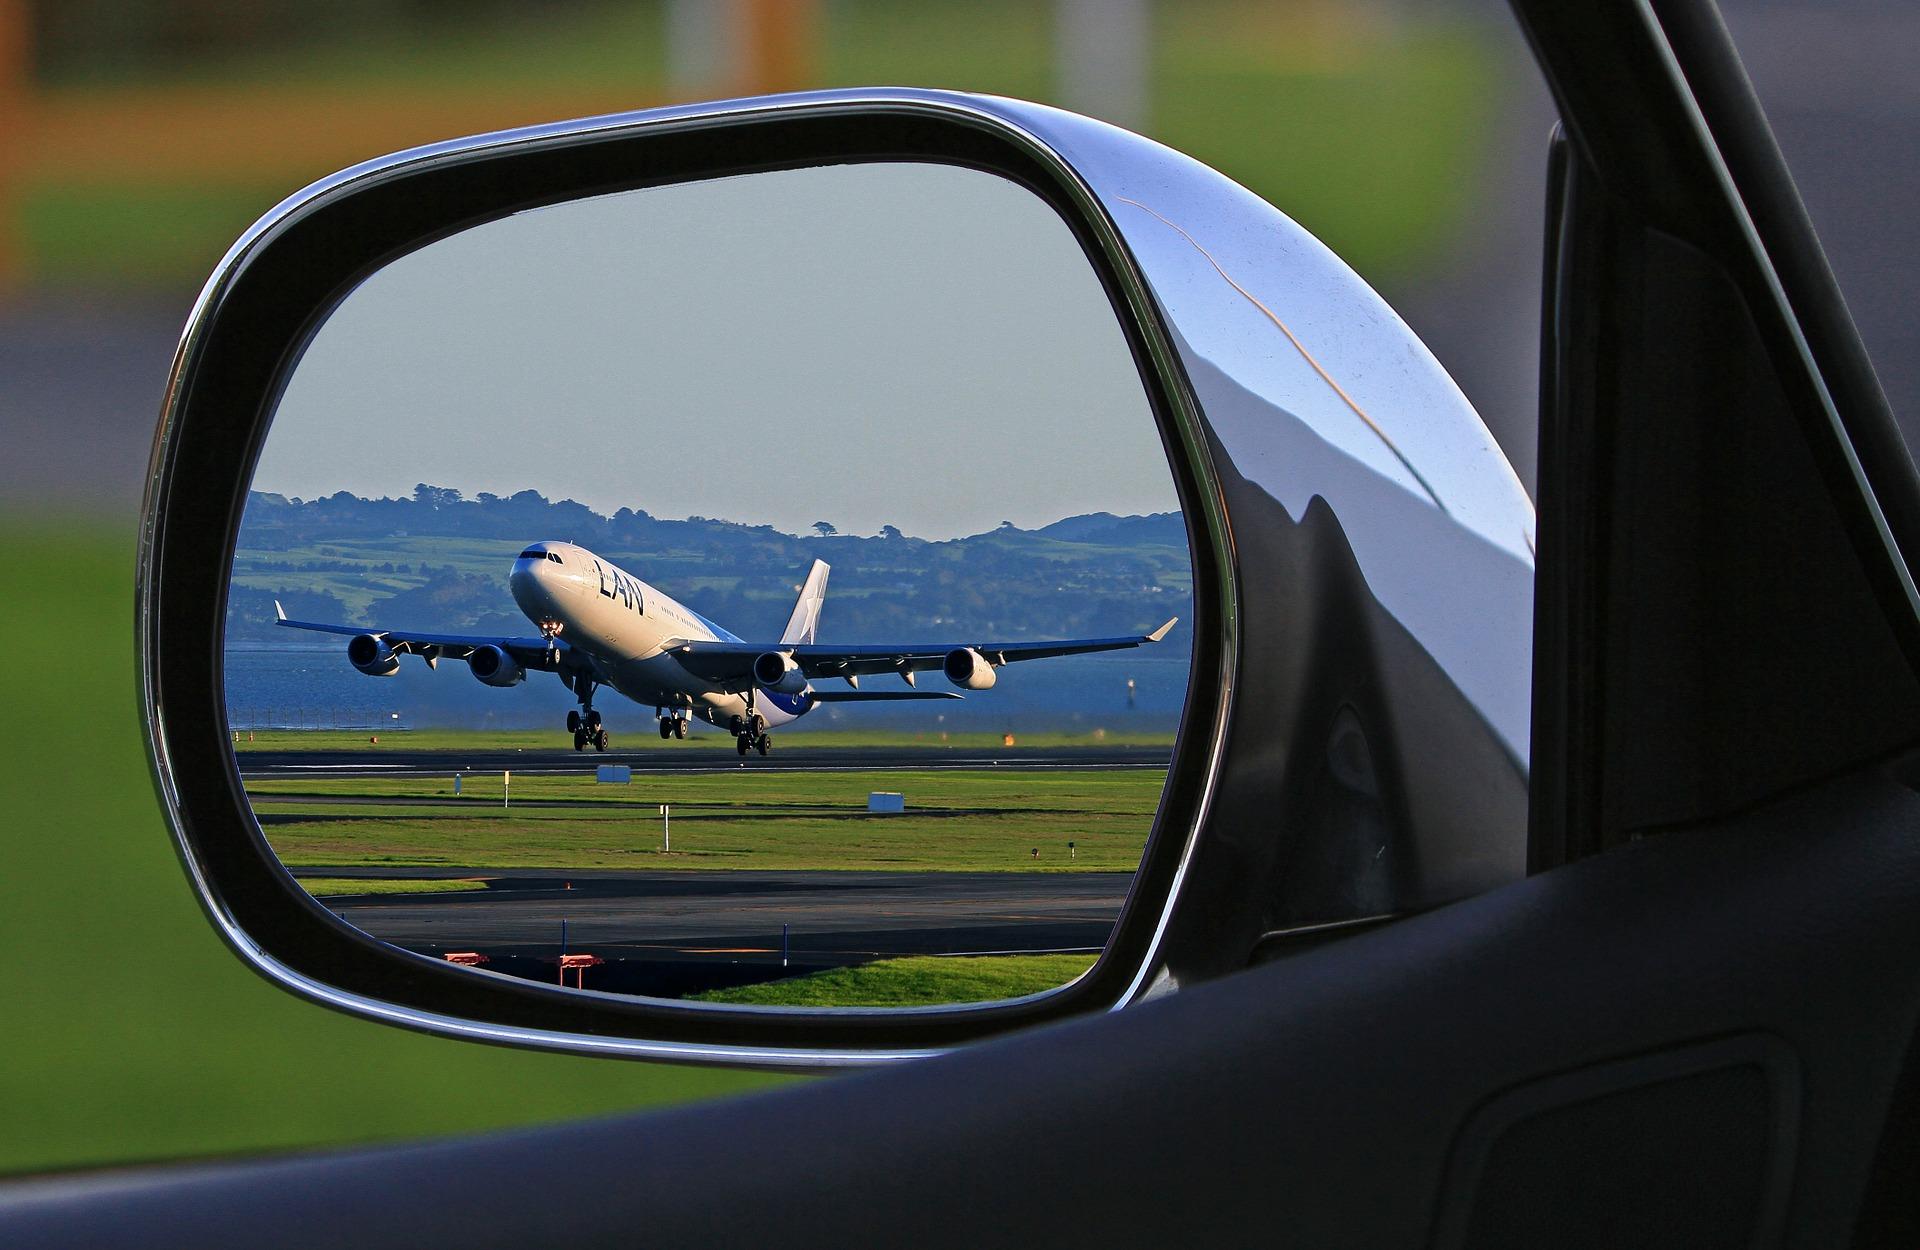 طائرة ركاب تظهر في مرآة سيارة